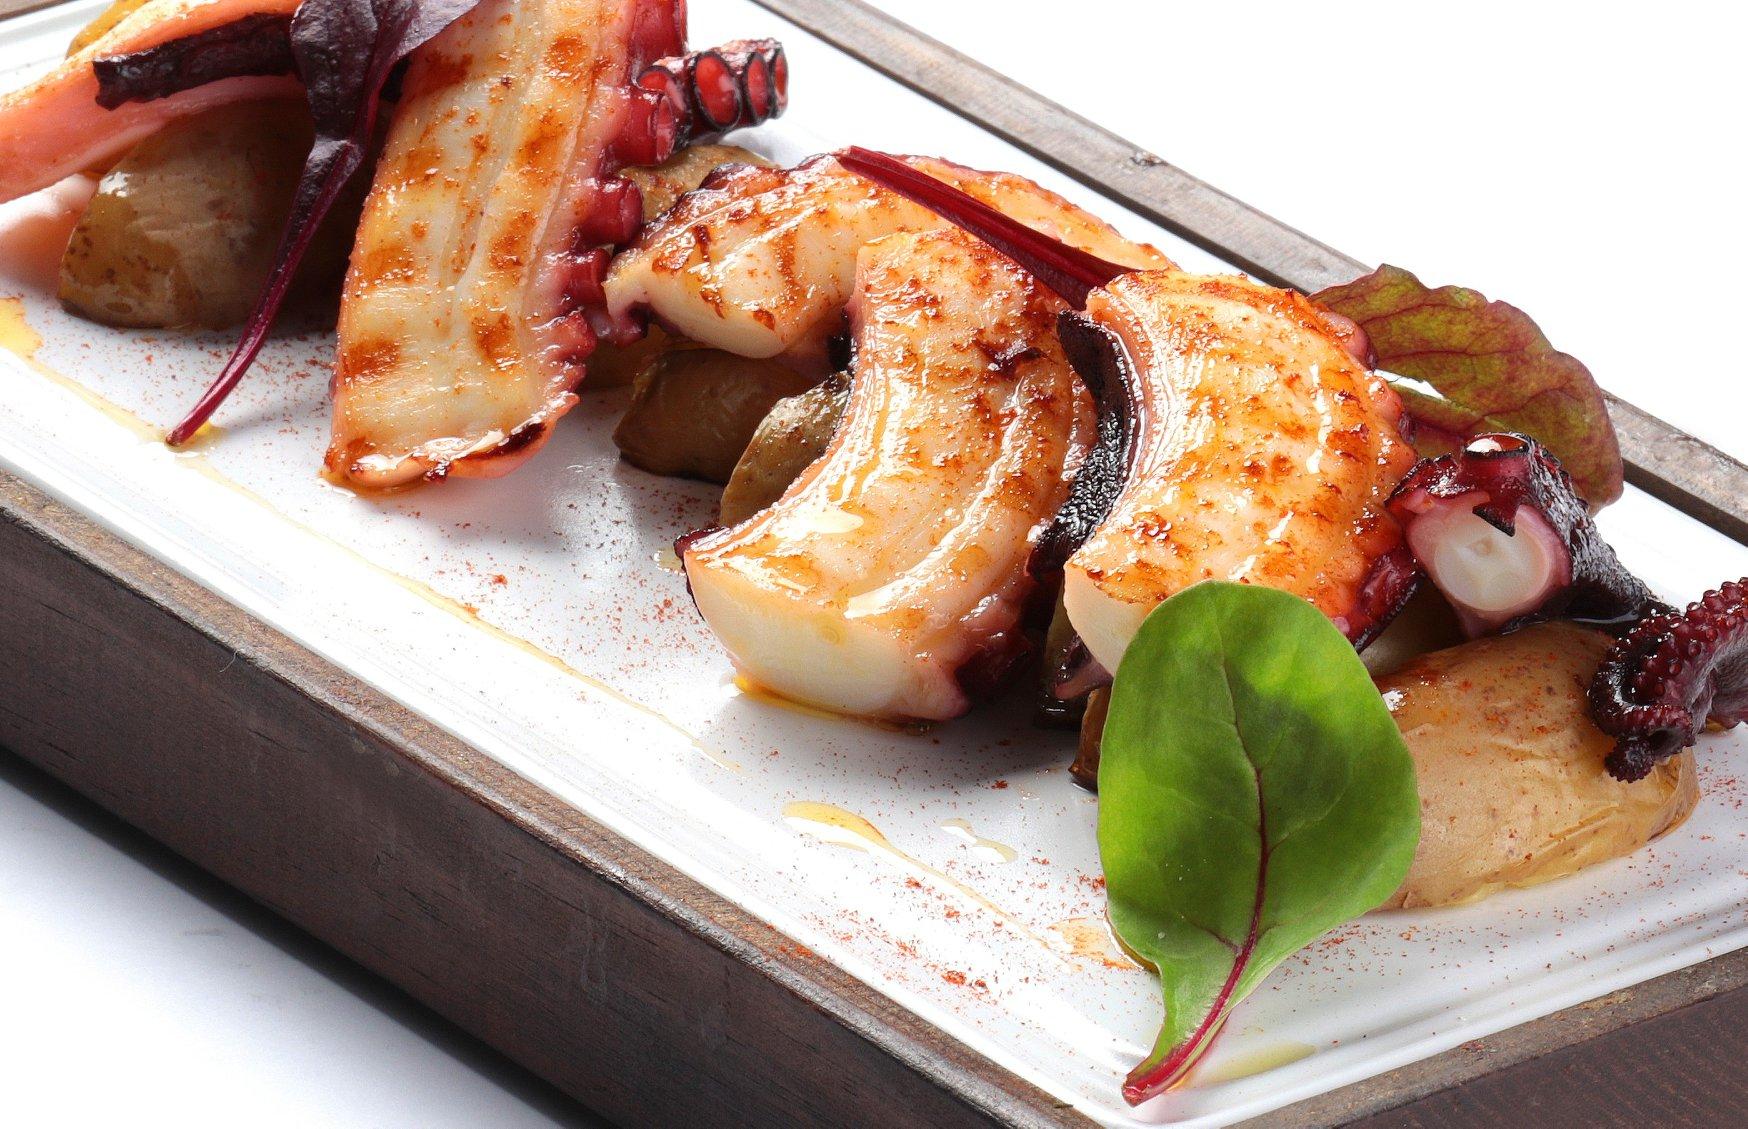 antipasti  cocina italiana  pulpo - Tres platos saludables para disfrutar del antipasti en un restaurante italiano.